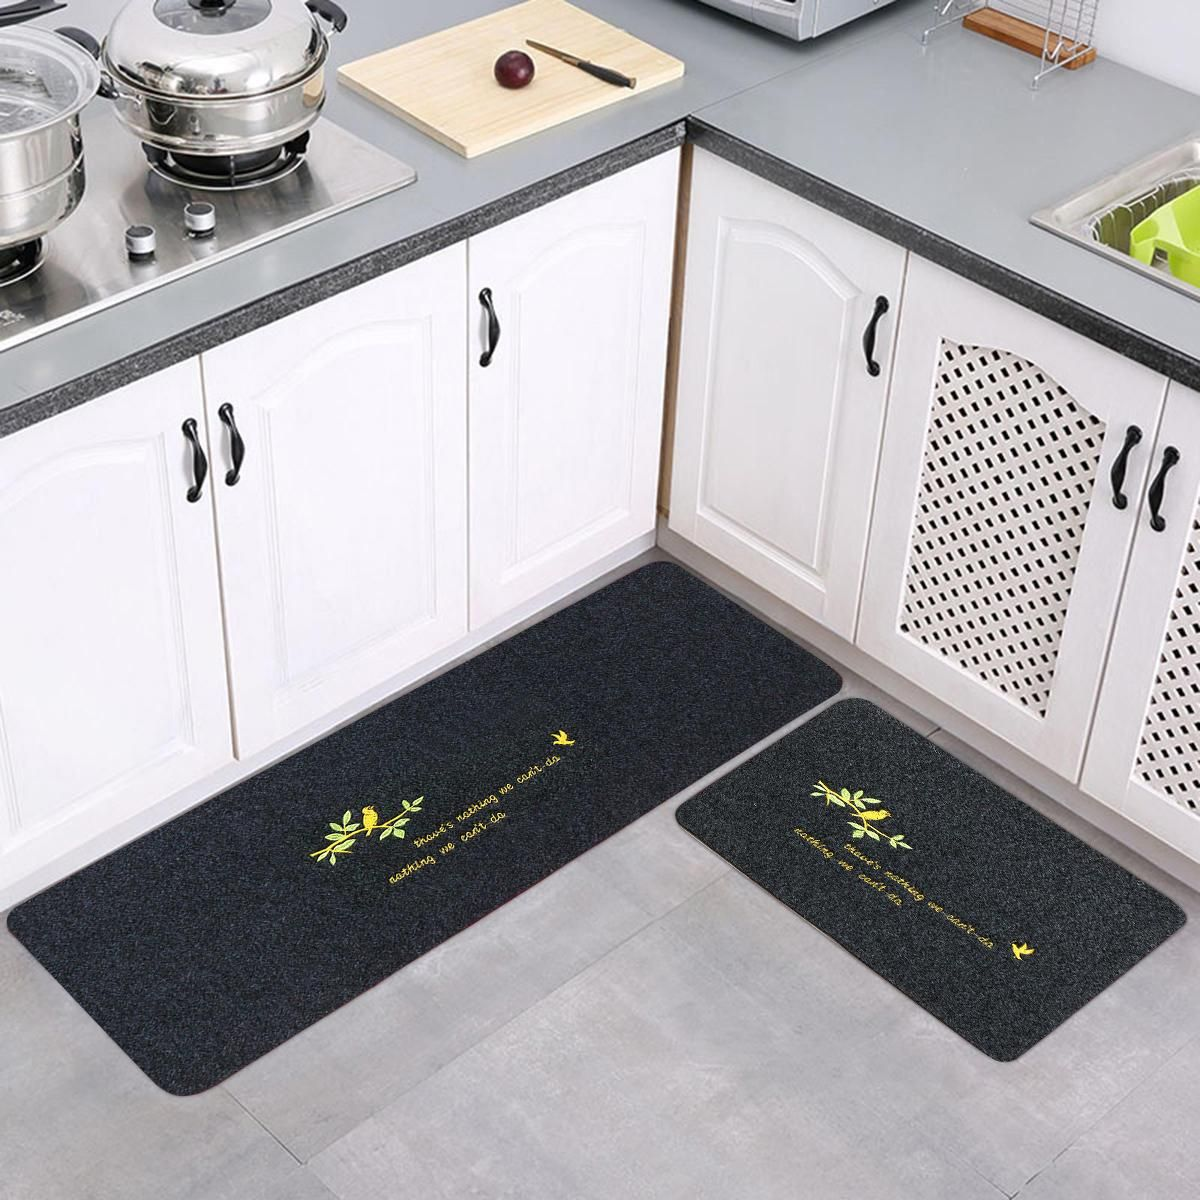 Waterproof Carpet Non Slip Door Floor Carpet Rug Bath Mat Home Kitchen Bathroom In 2020 Modern Kitchen Rugs Long Kitchen Kitchen Mat